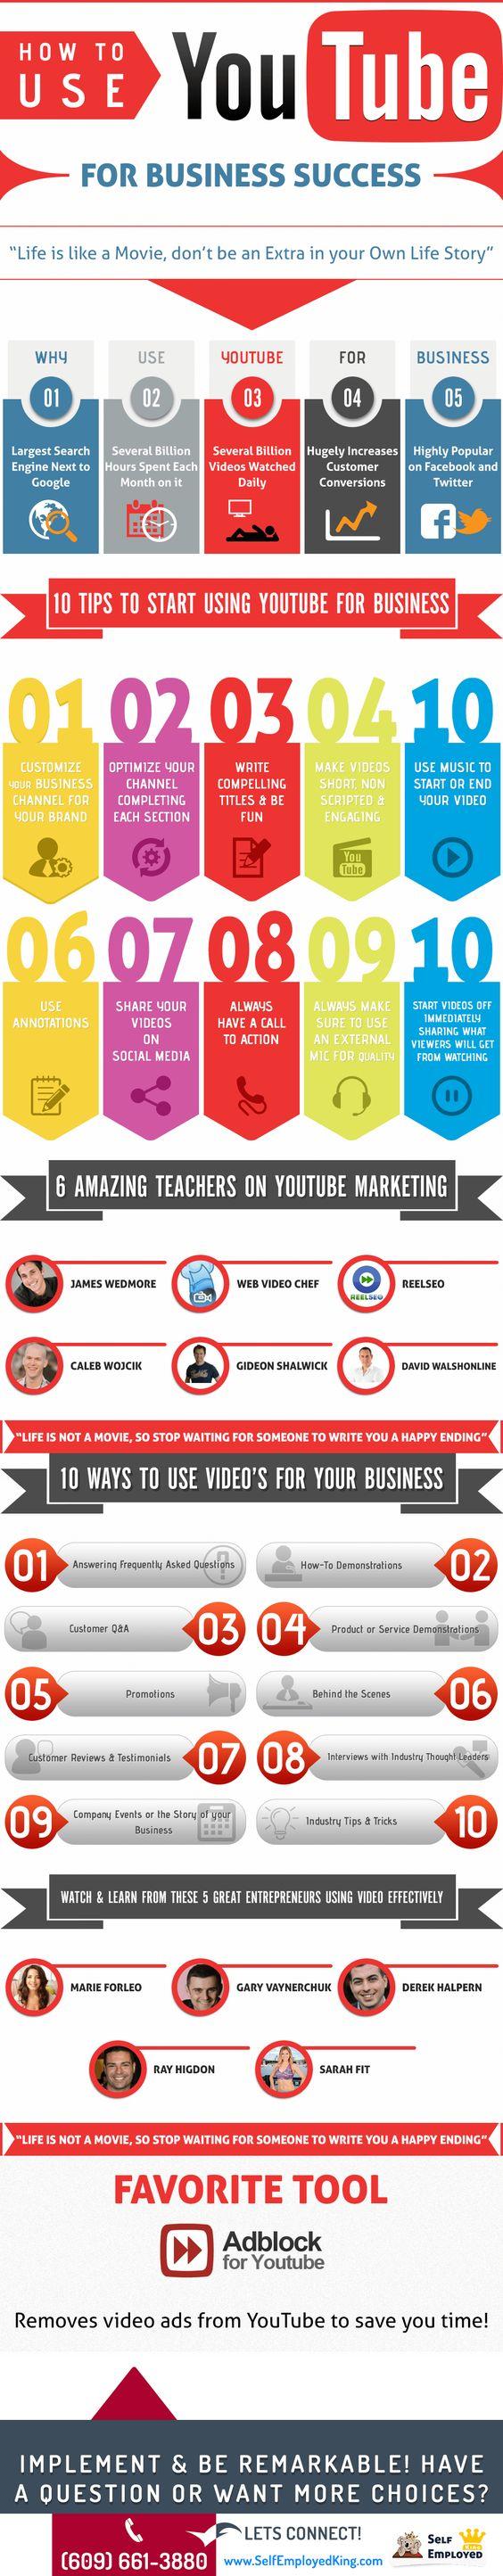 Cómo #YouTube puede ayudar a tu negocio